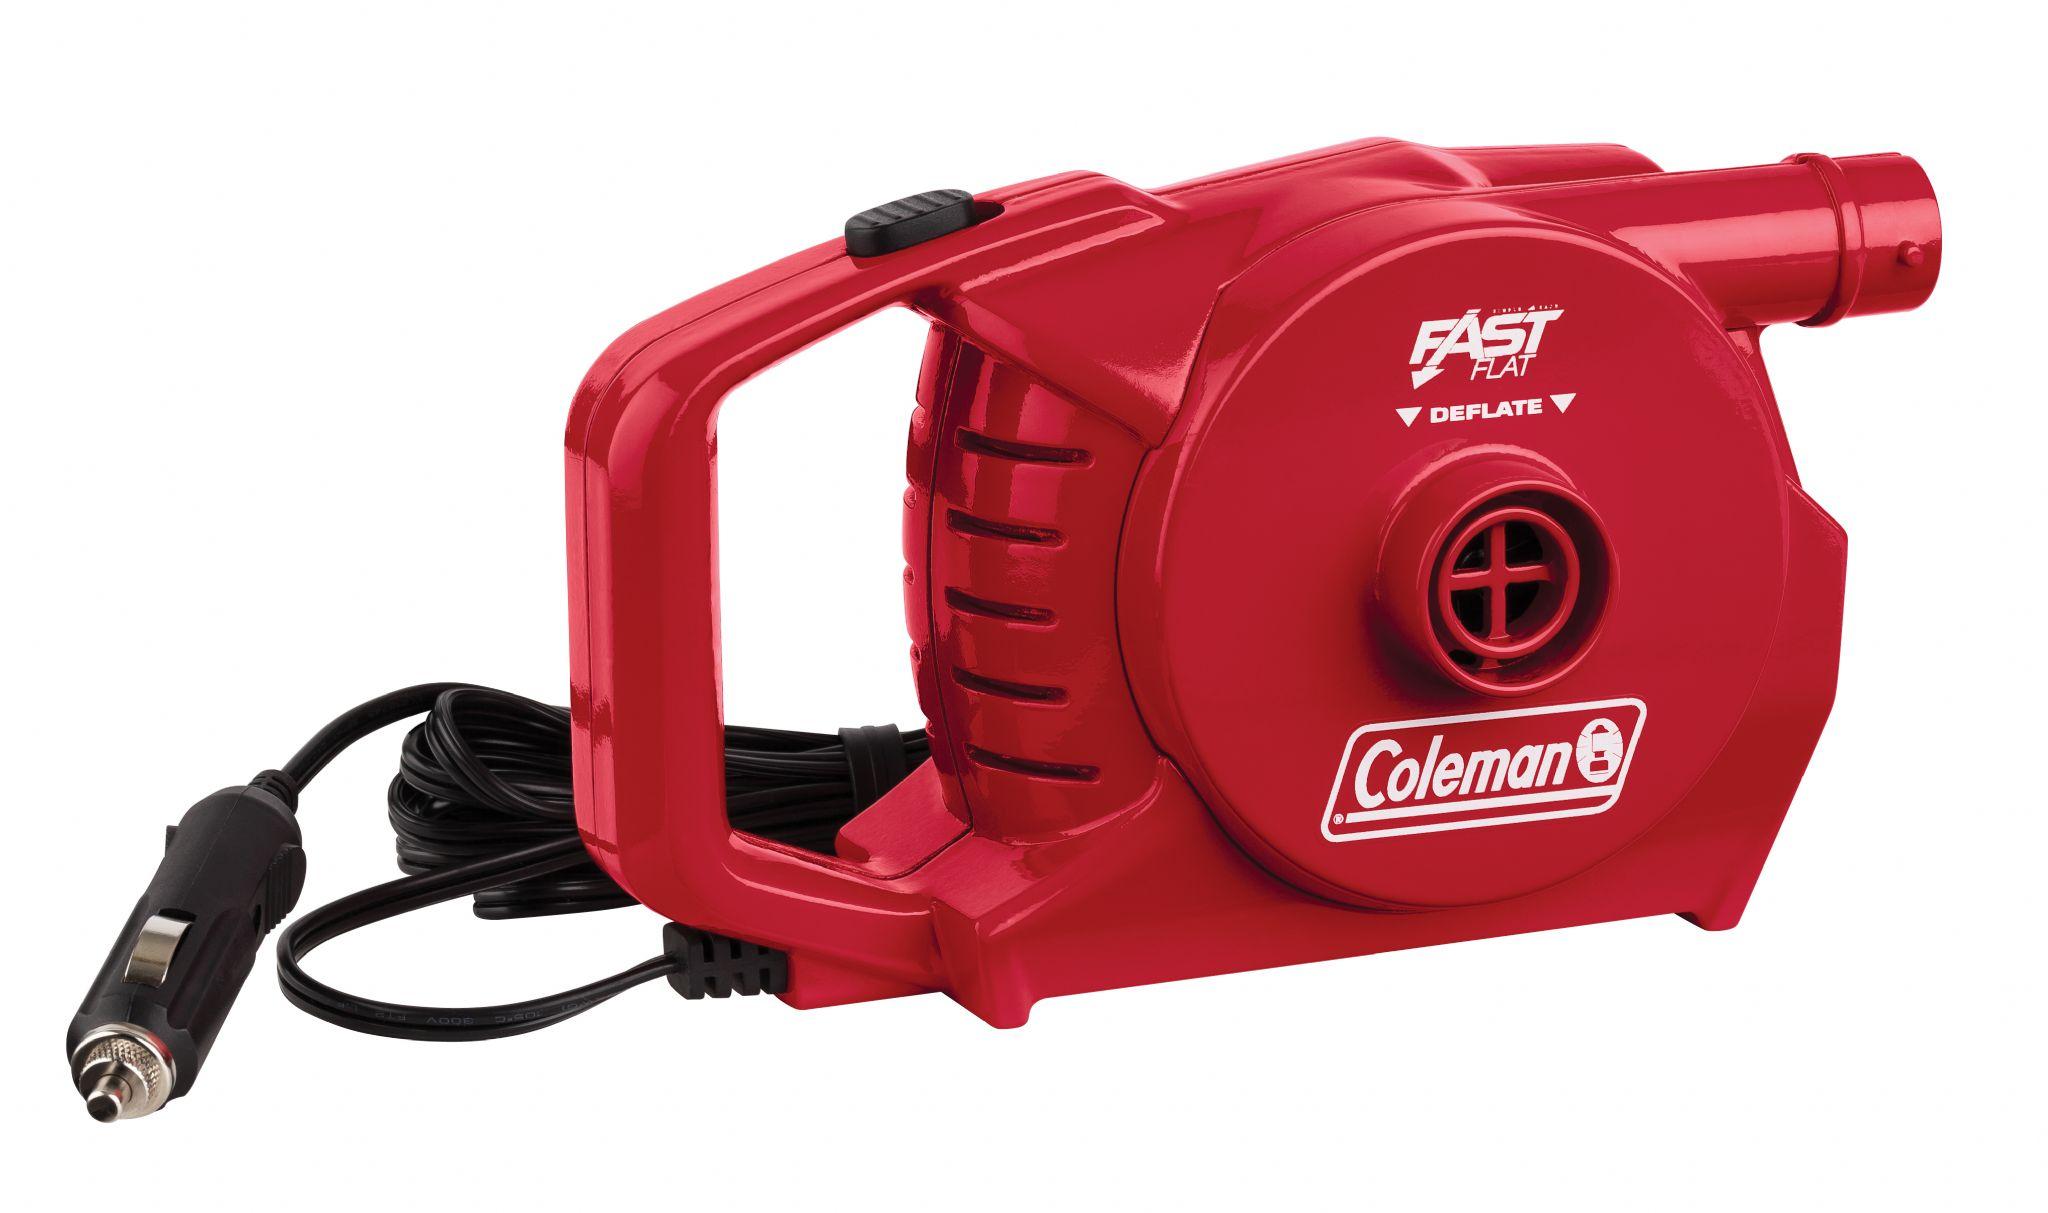 Coleman 230 V Quickpump